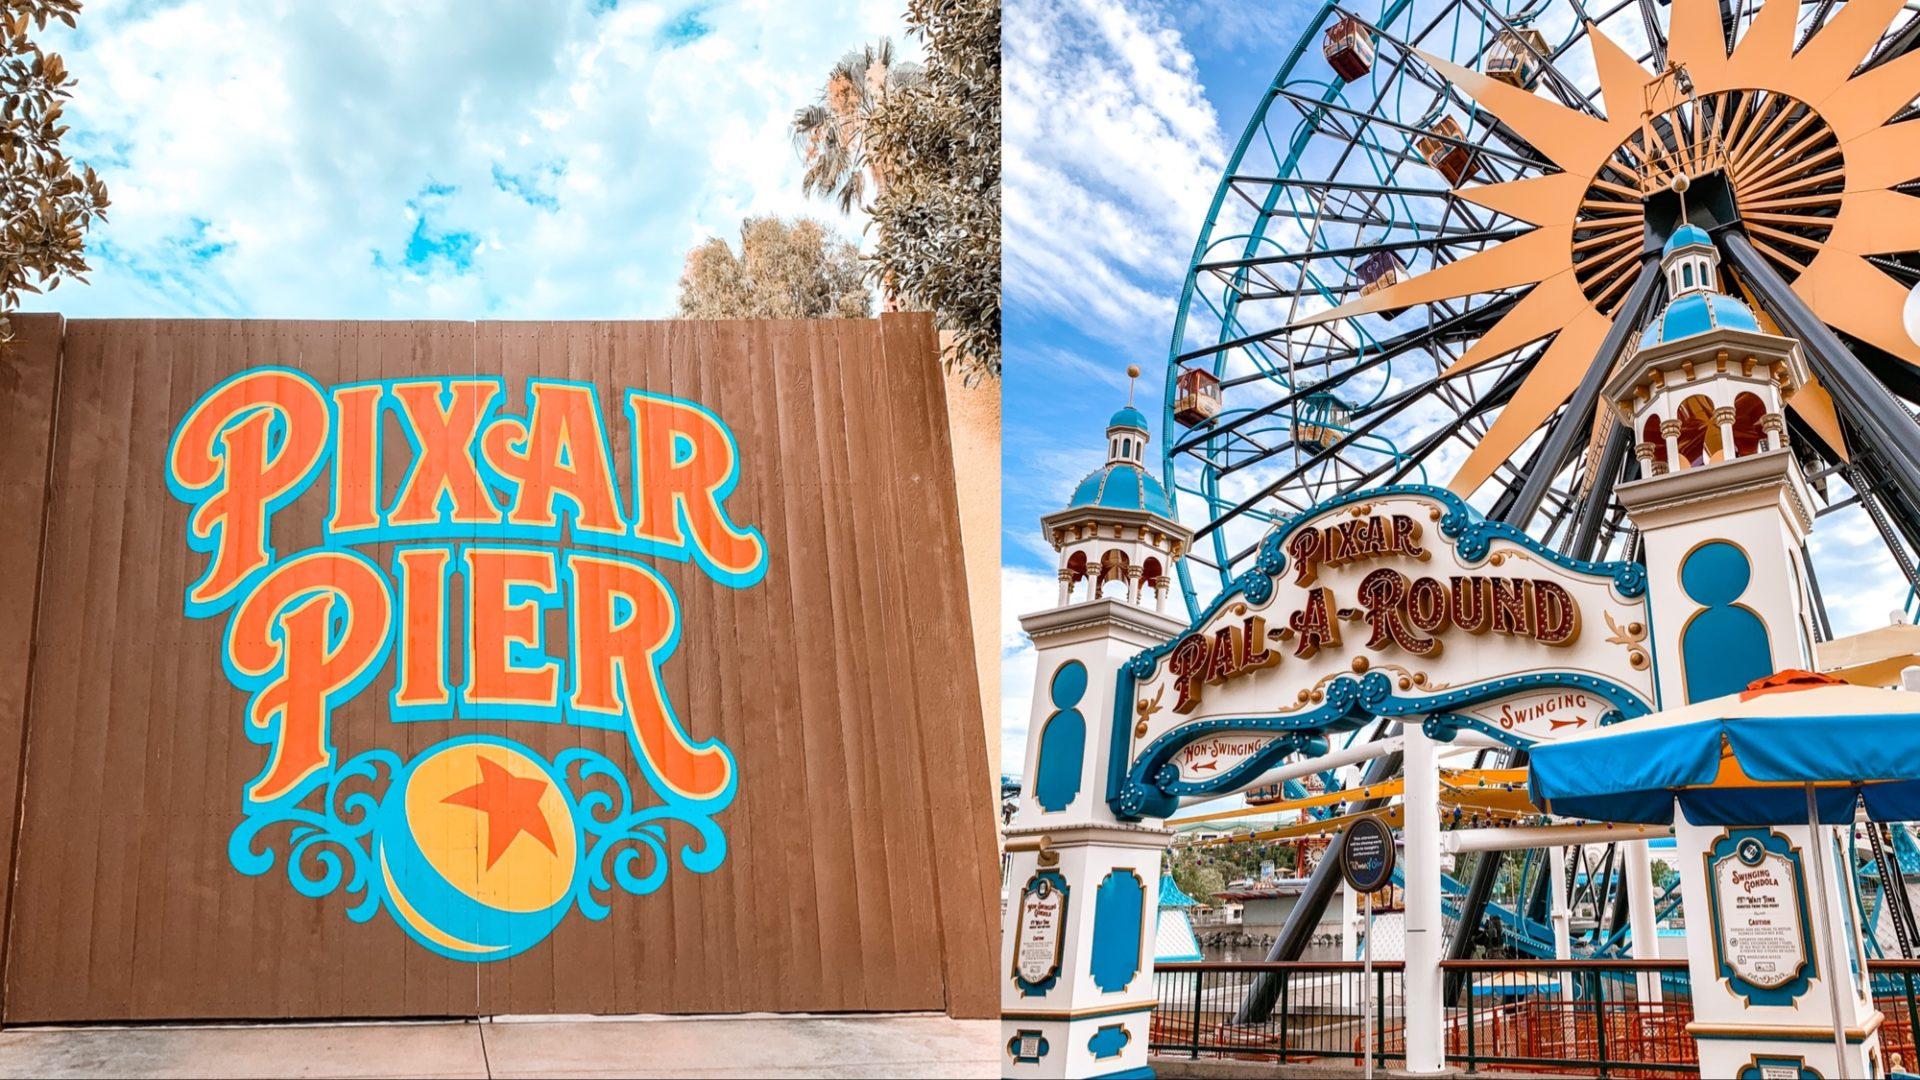 加州|全世界最快樂的地方『Disney』! 跟著我一起玩遍美國加州迪士尼,不帶腦的超強攻略!